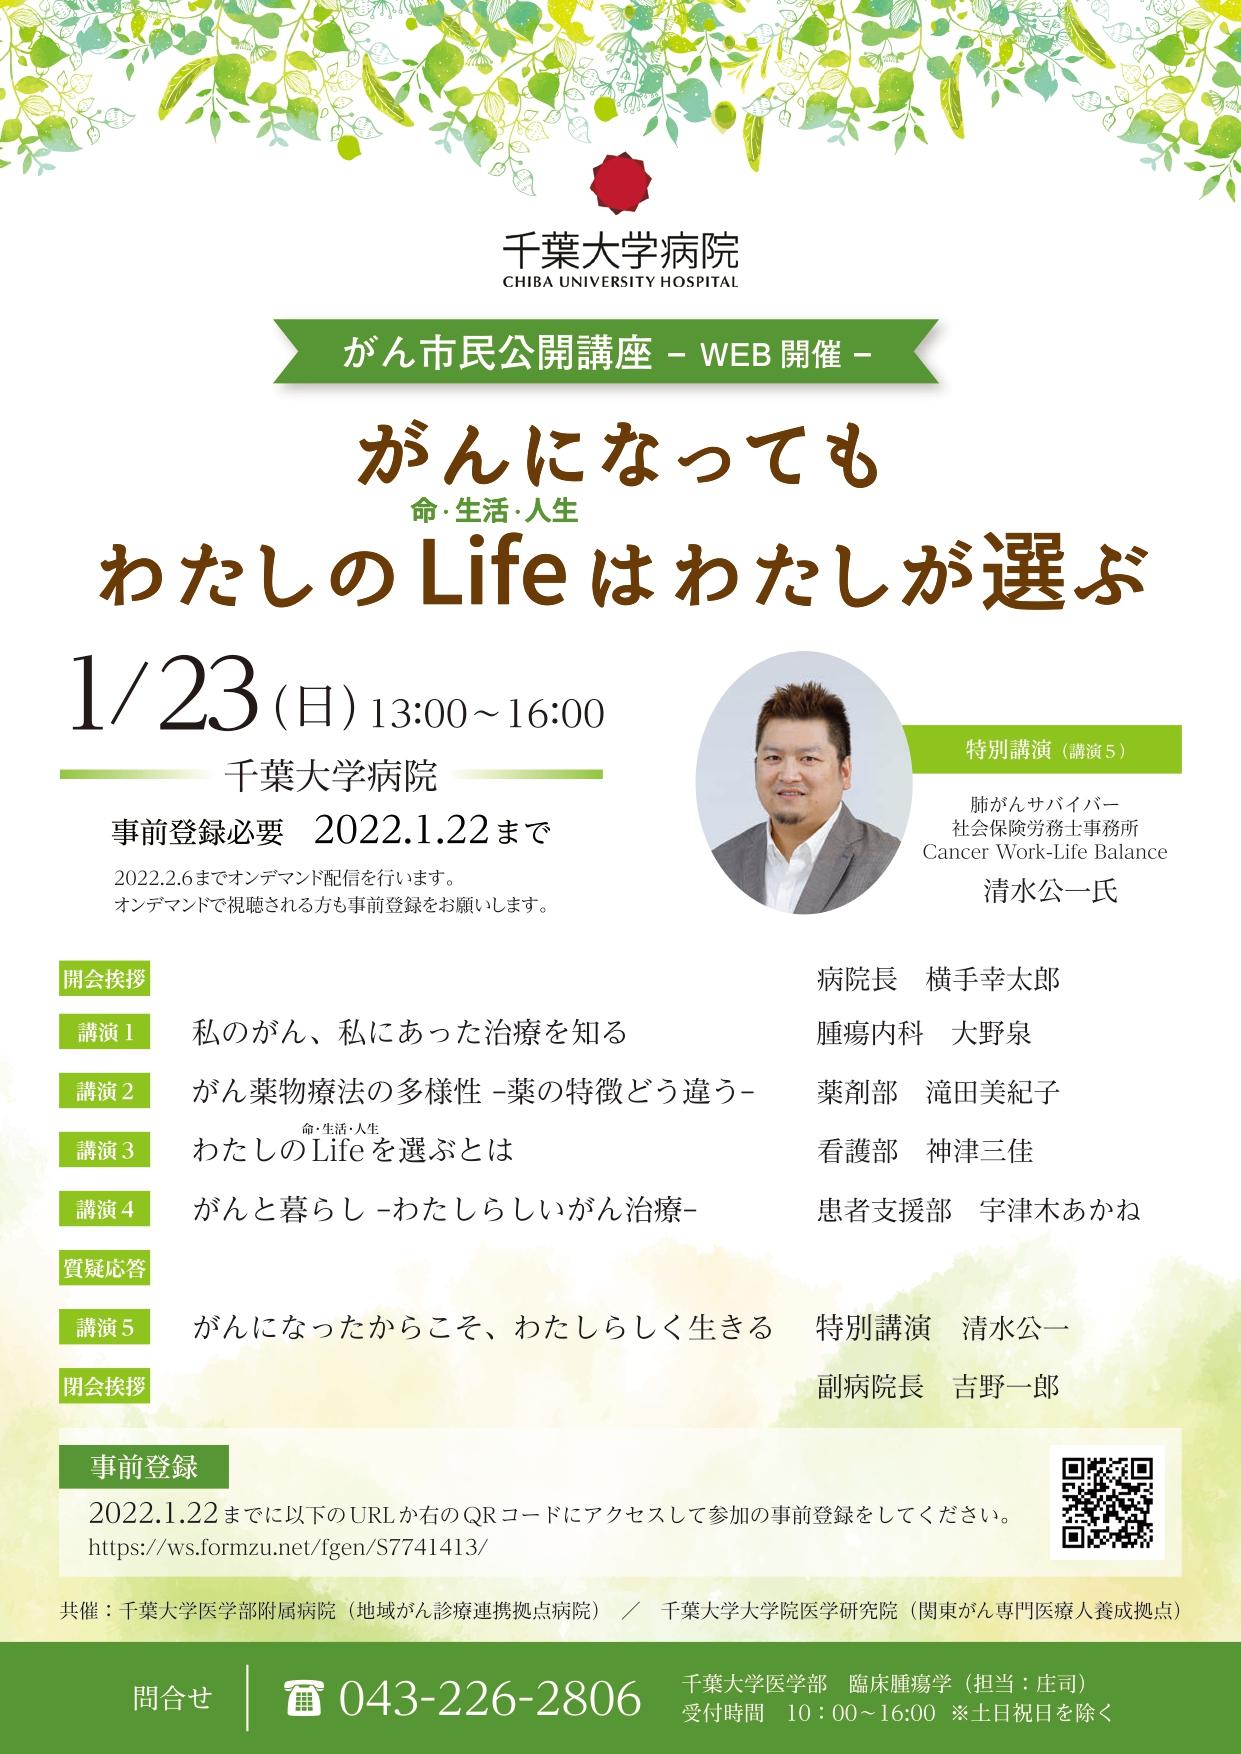 イベント告知・千葉大学市民公開講座のお知らせ